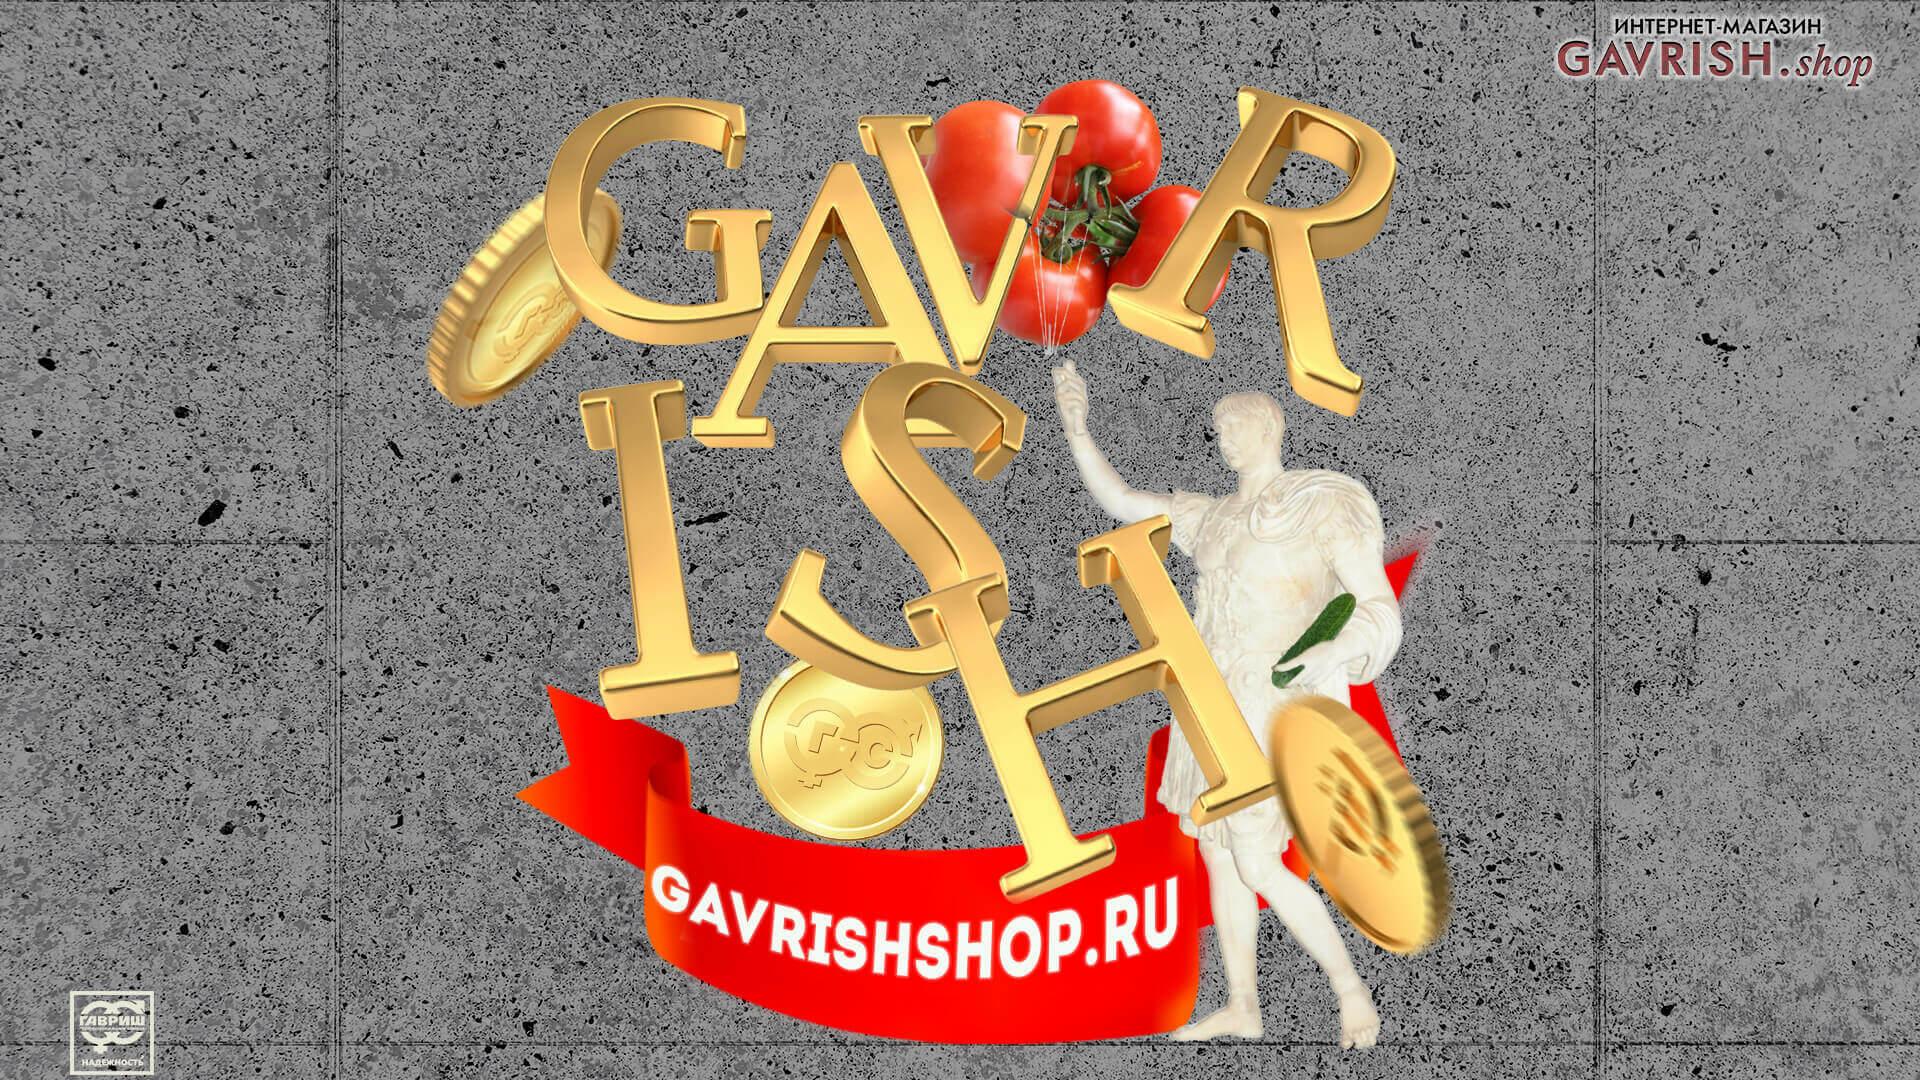 Капуста Гавриш